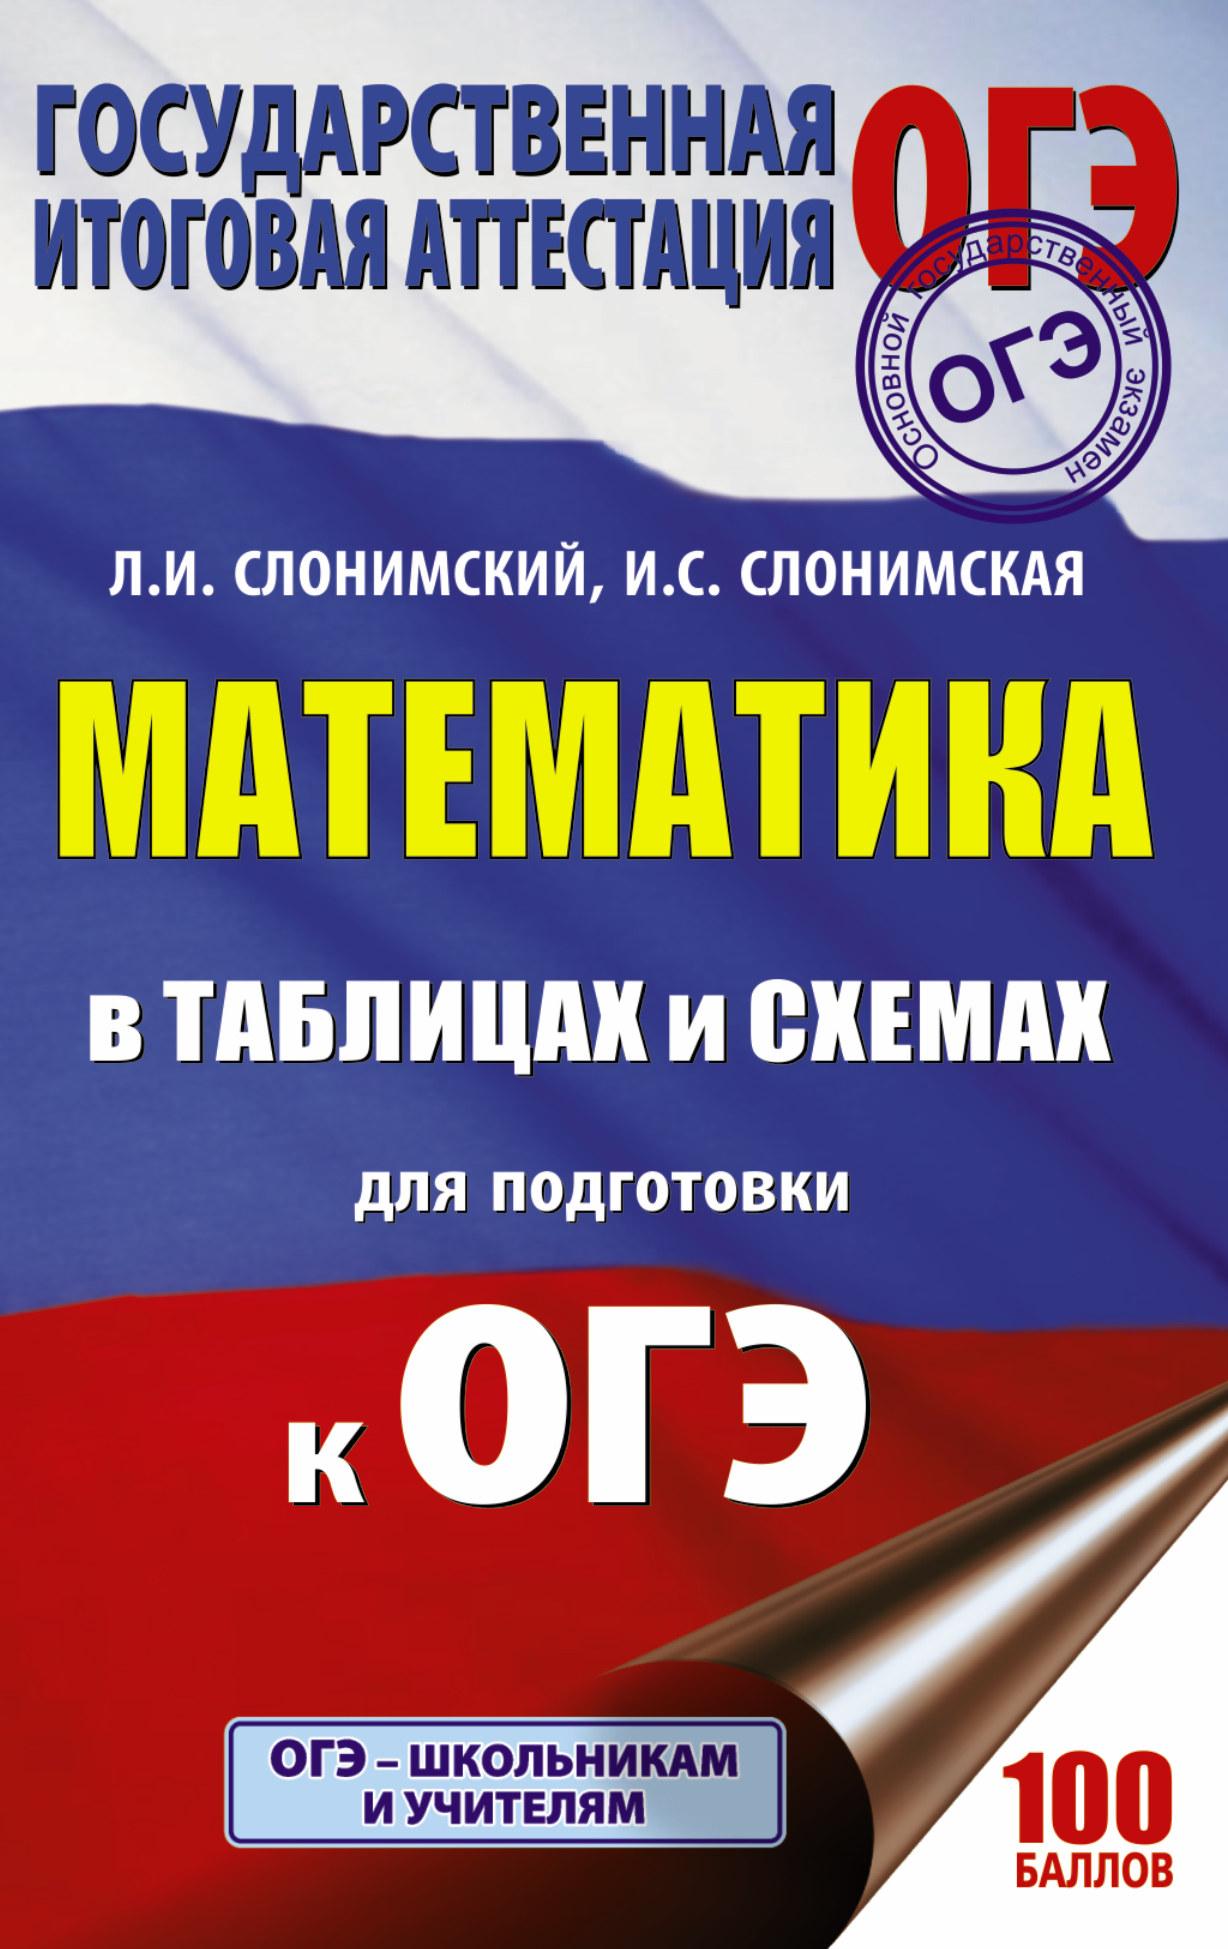 ОГЭ. Математика в таблицах и схемах для подготовки к ОГЭ ( Слонимский Л.И., Слонимская И.С.  )